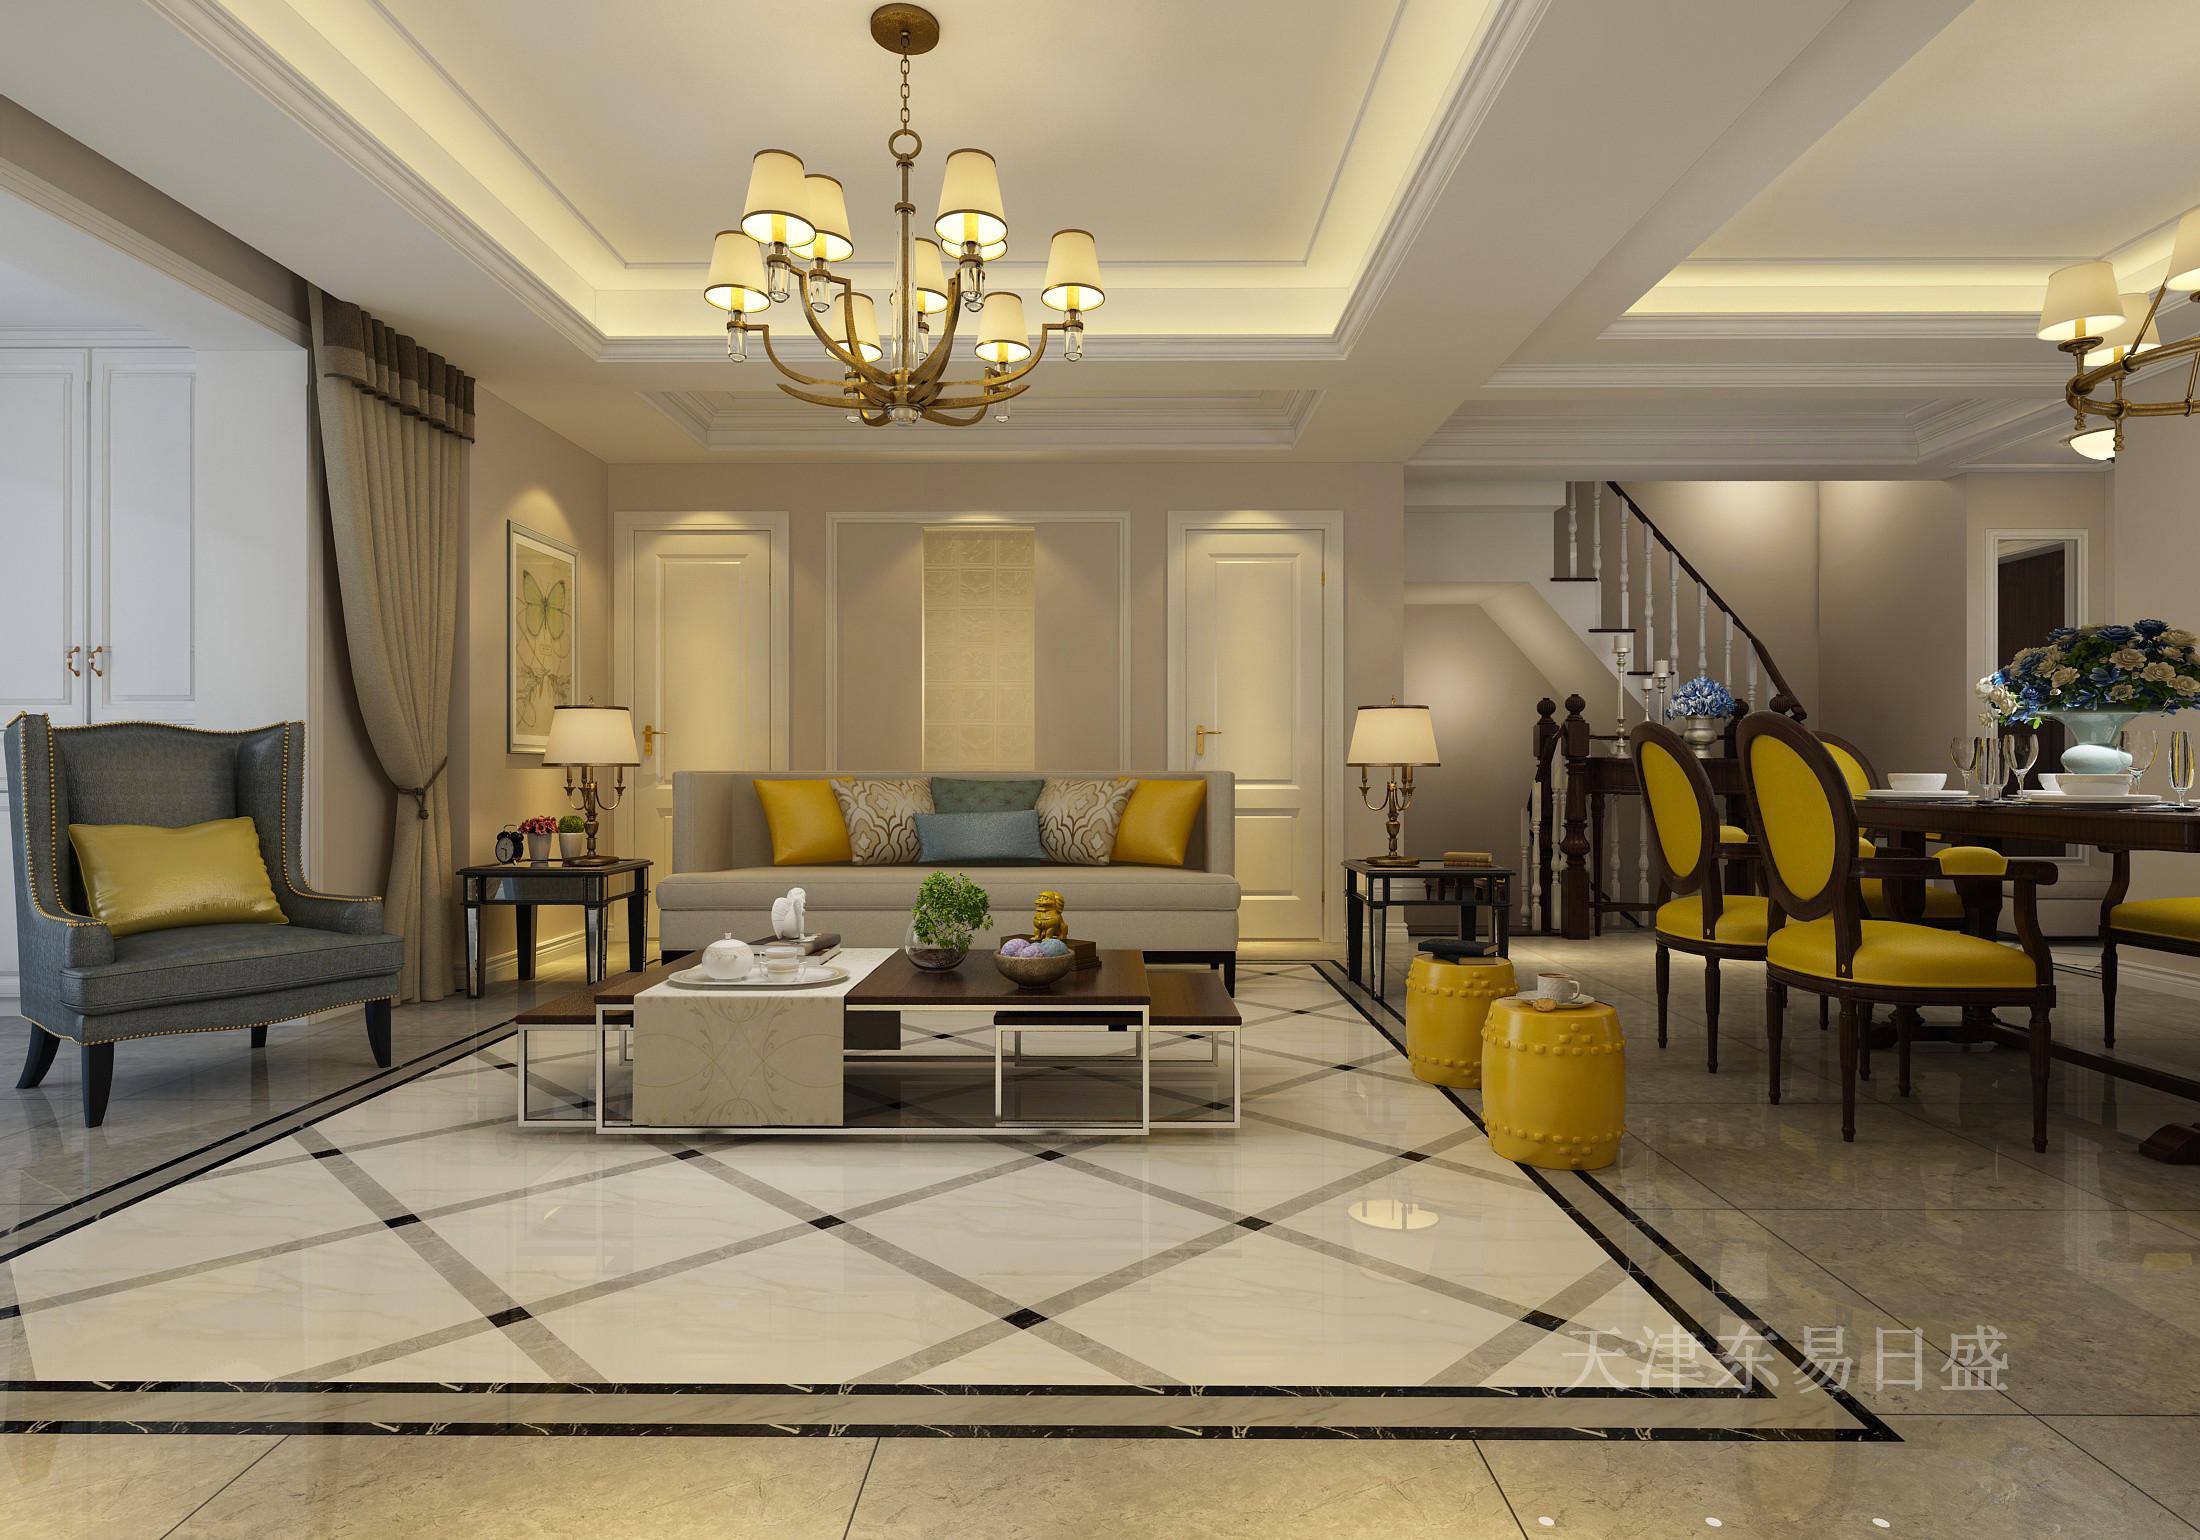 200平现代美式风格别墅装修效果图,华美,富丽,浪漫